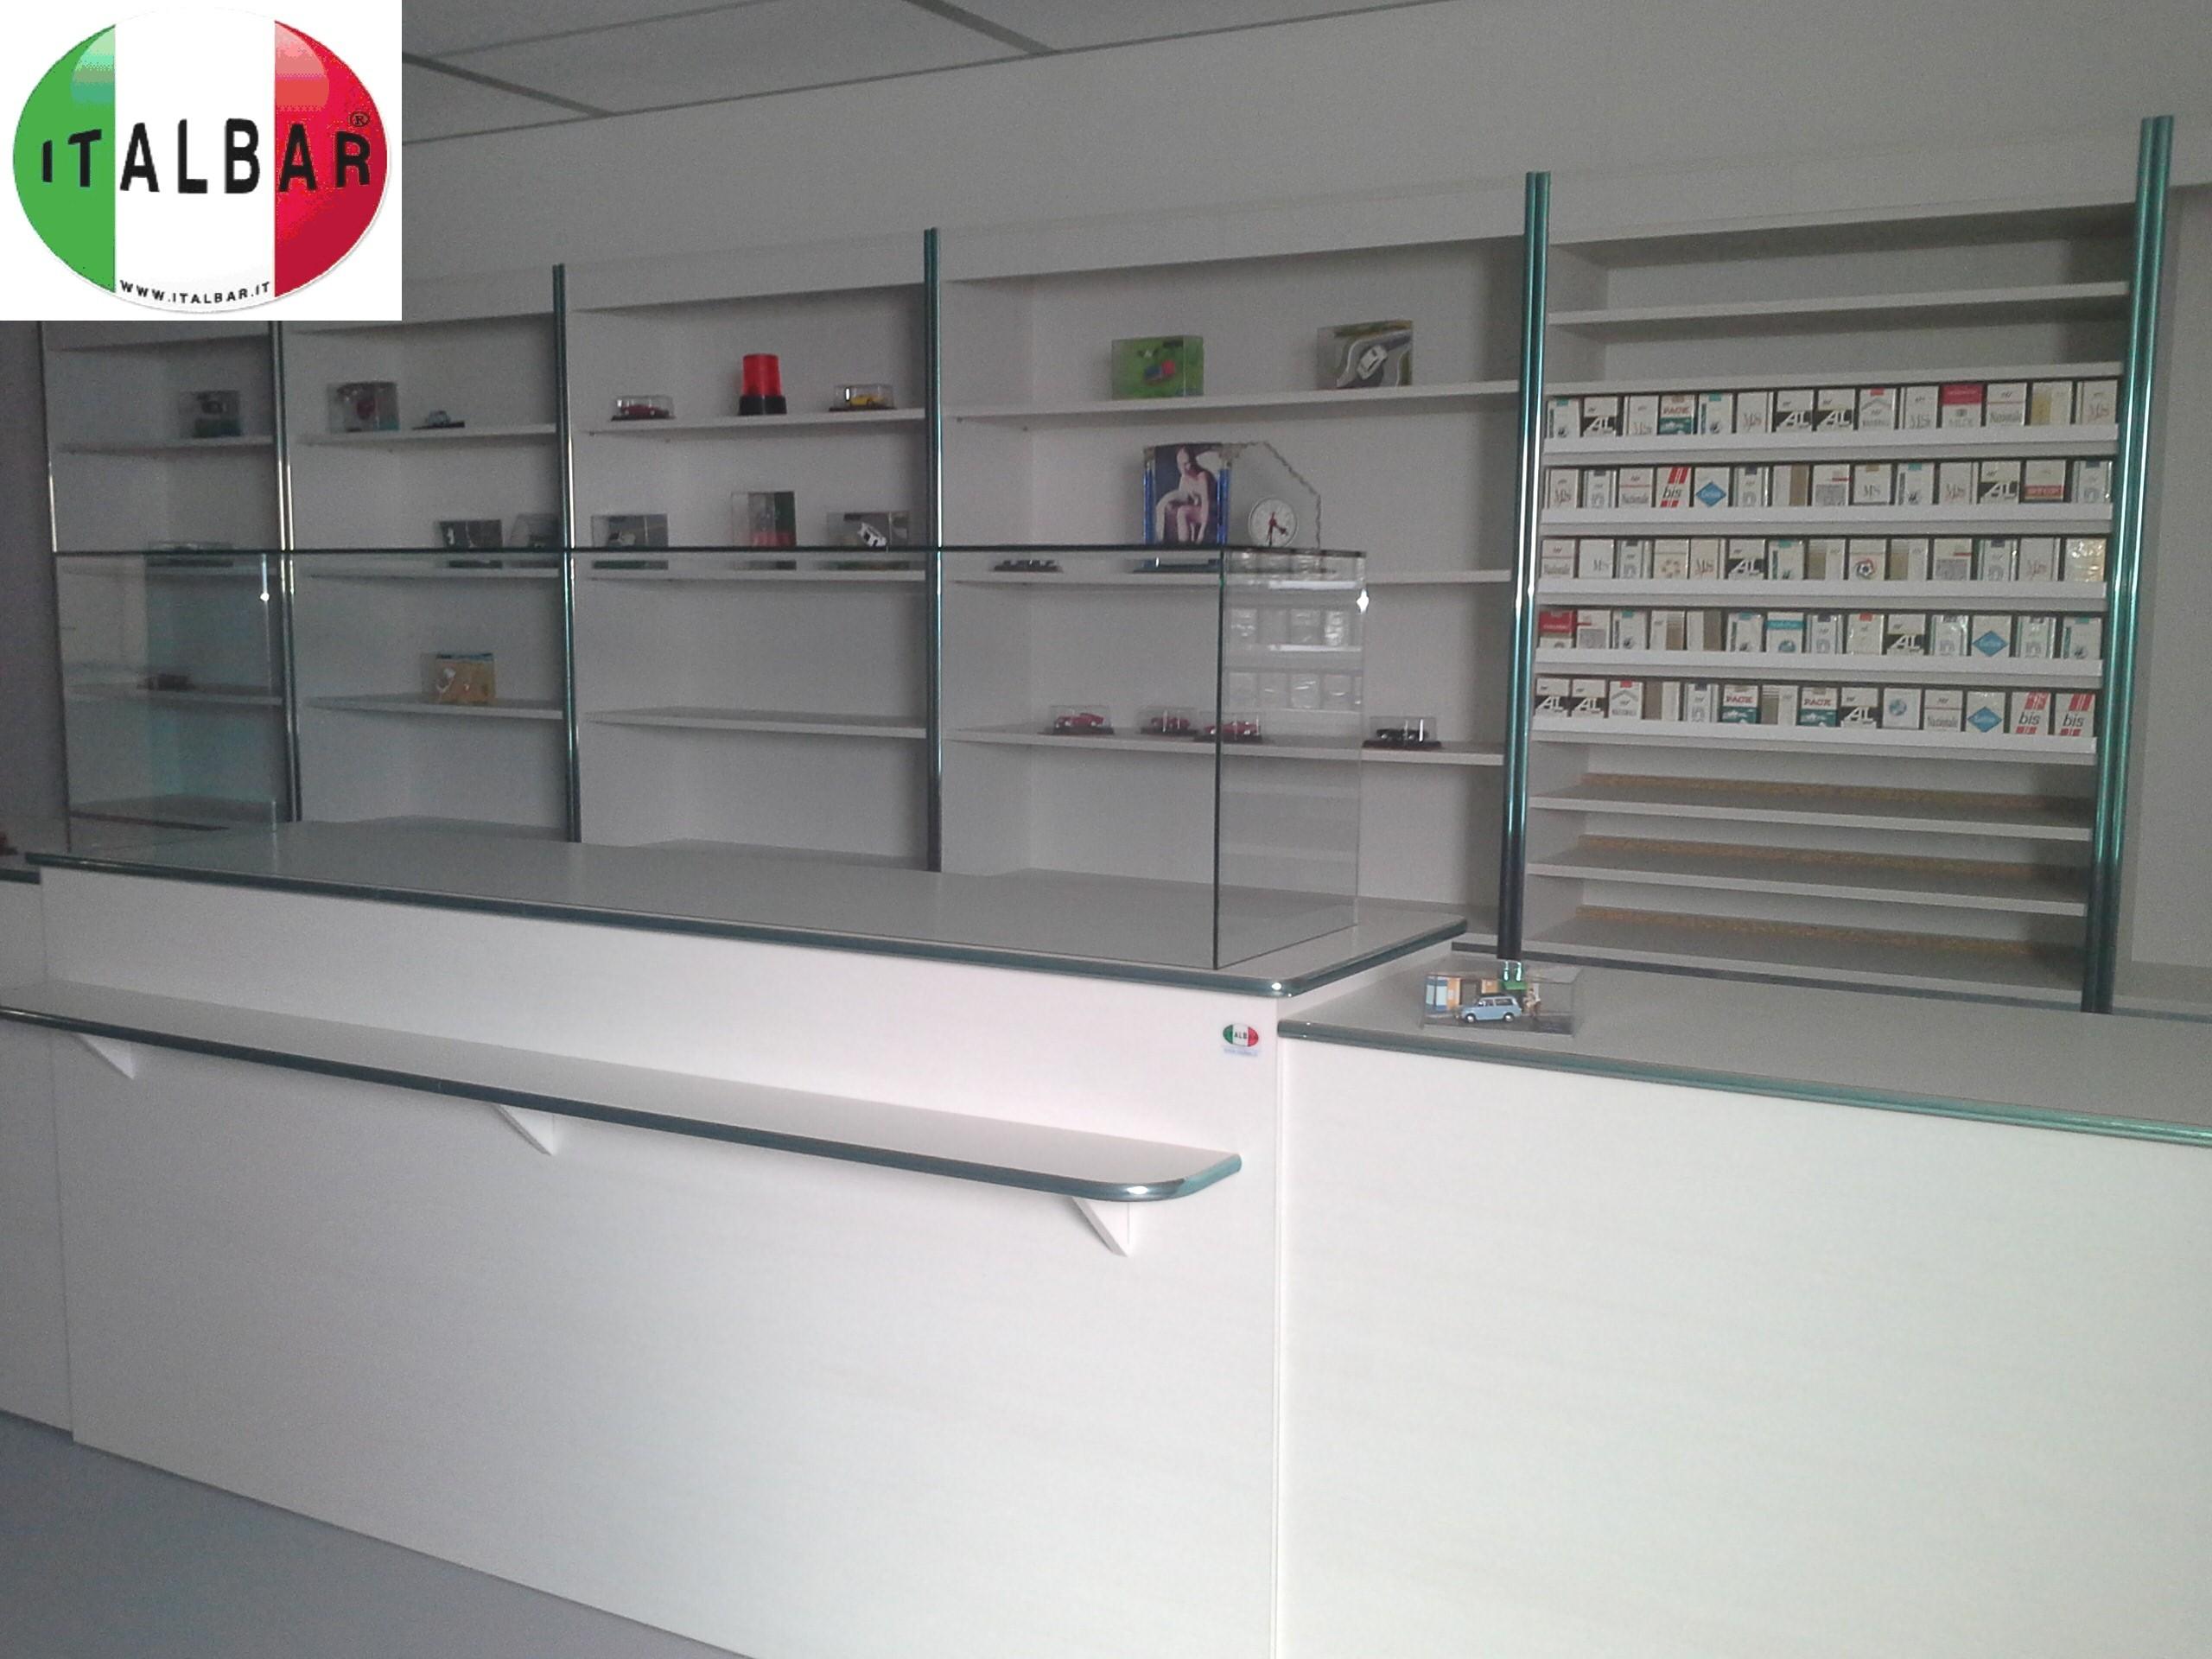 Banchi bar produttori di banconi bar banchi frigo for Giornali di arredamento